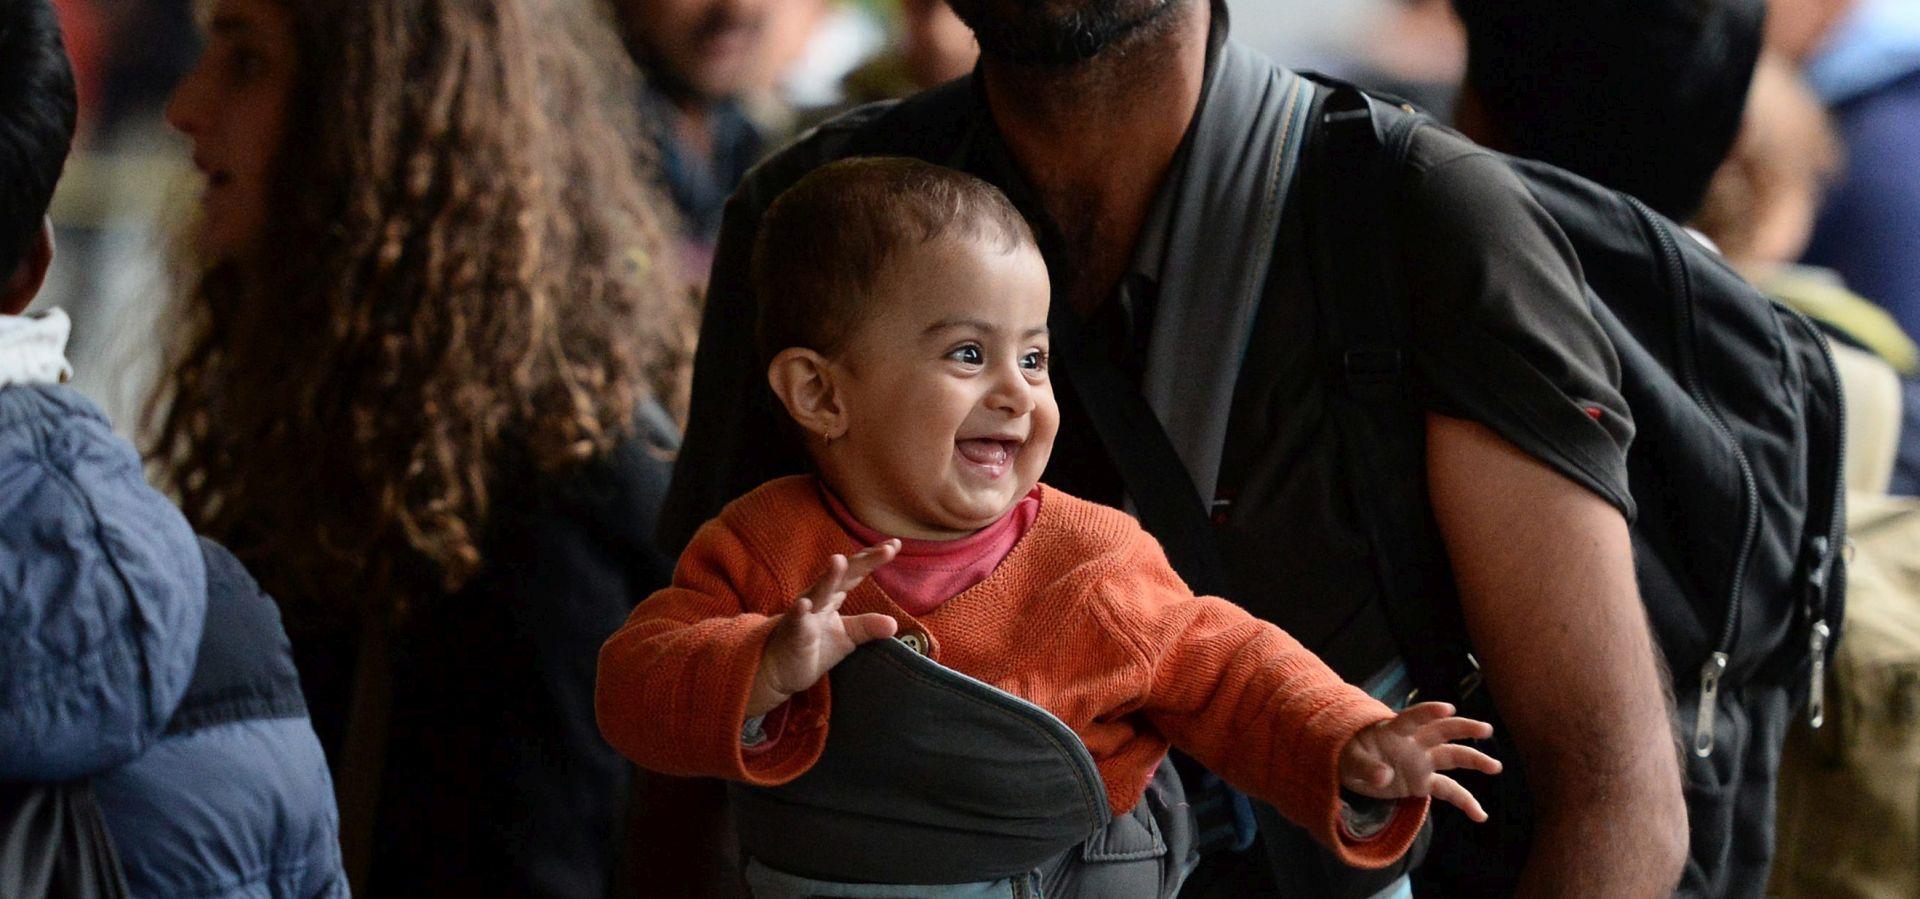 800 TISUĆA AZILANATA? Njemačka desničarska stranka želi zatvaranje granica za azilante